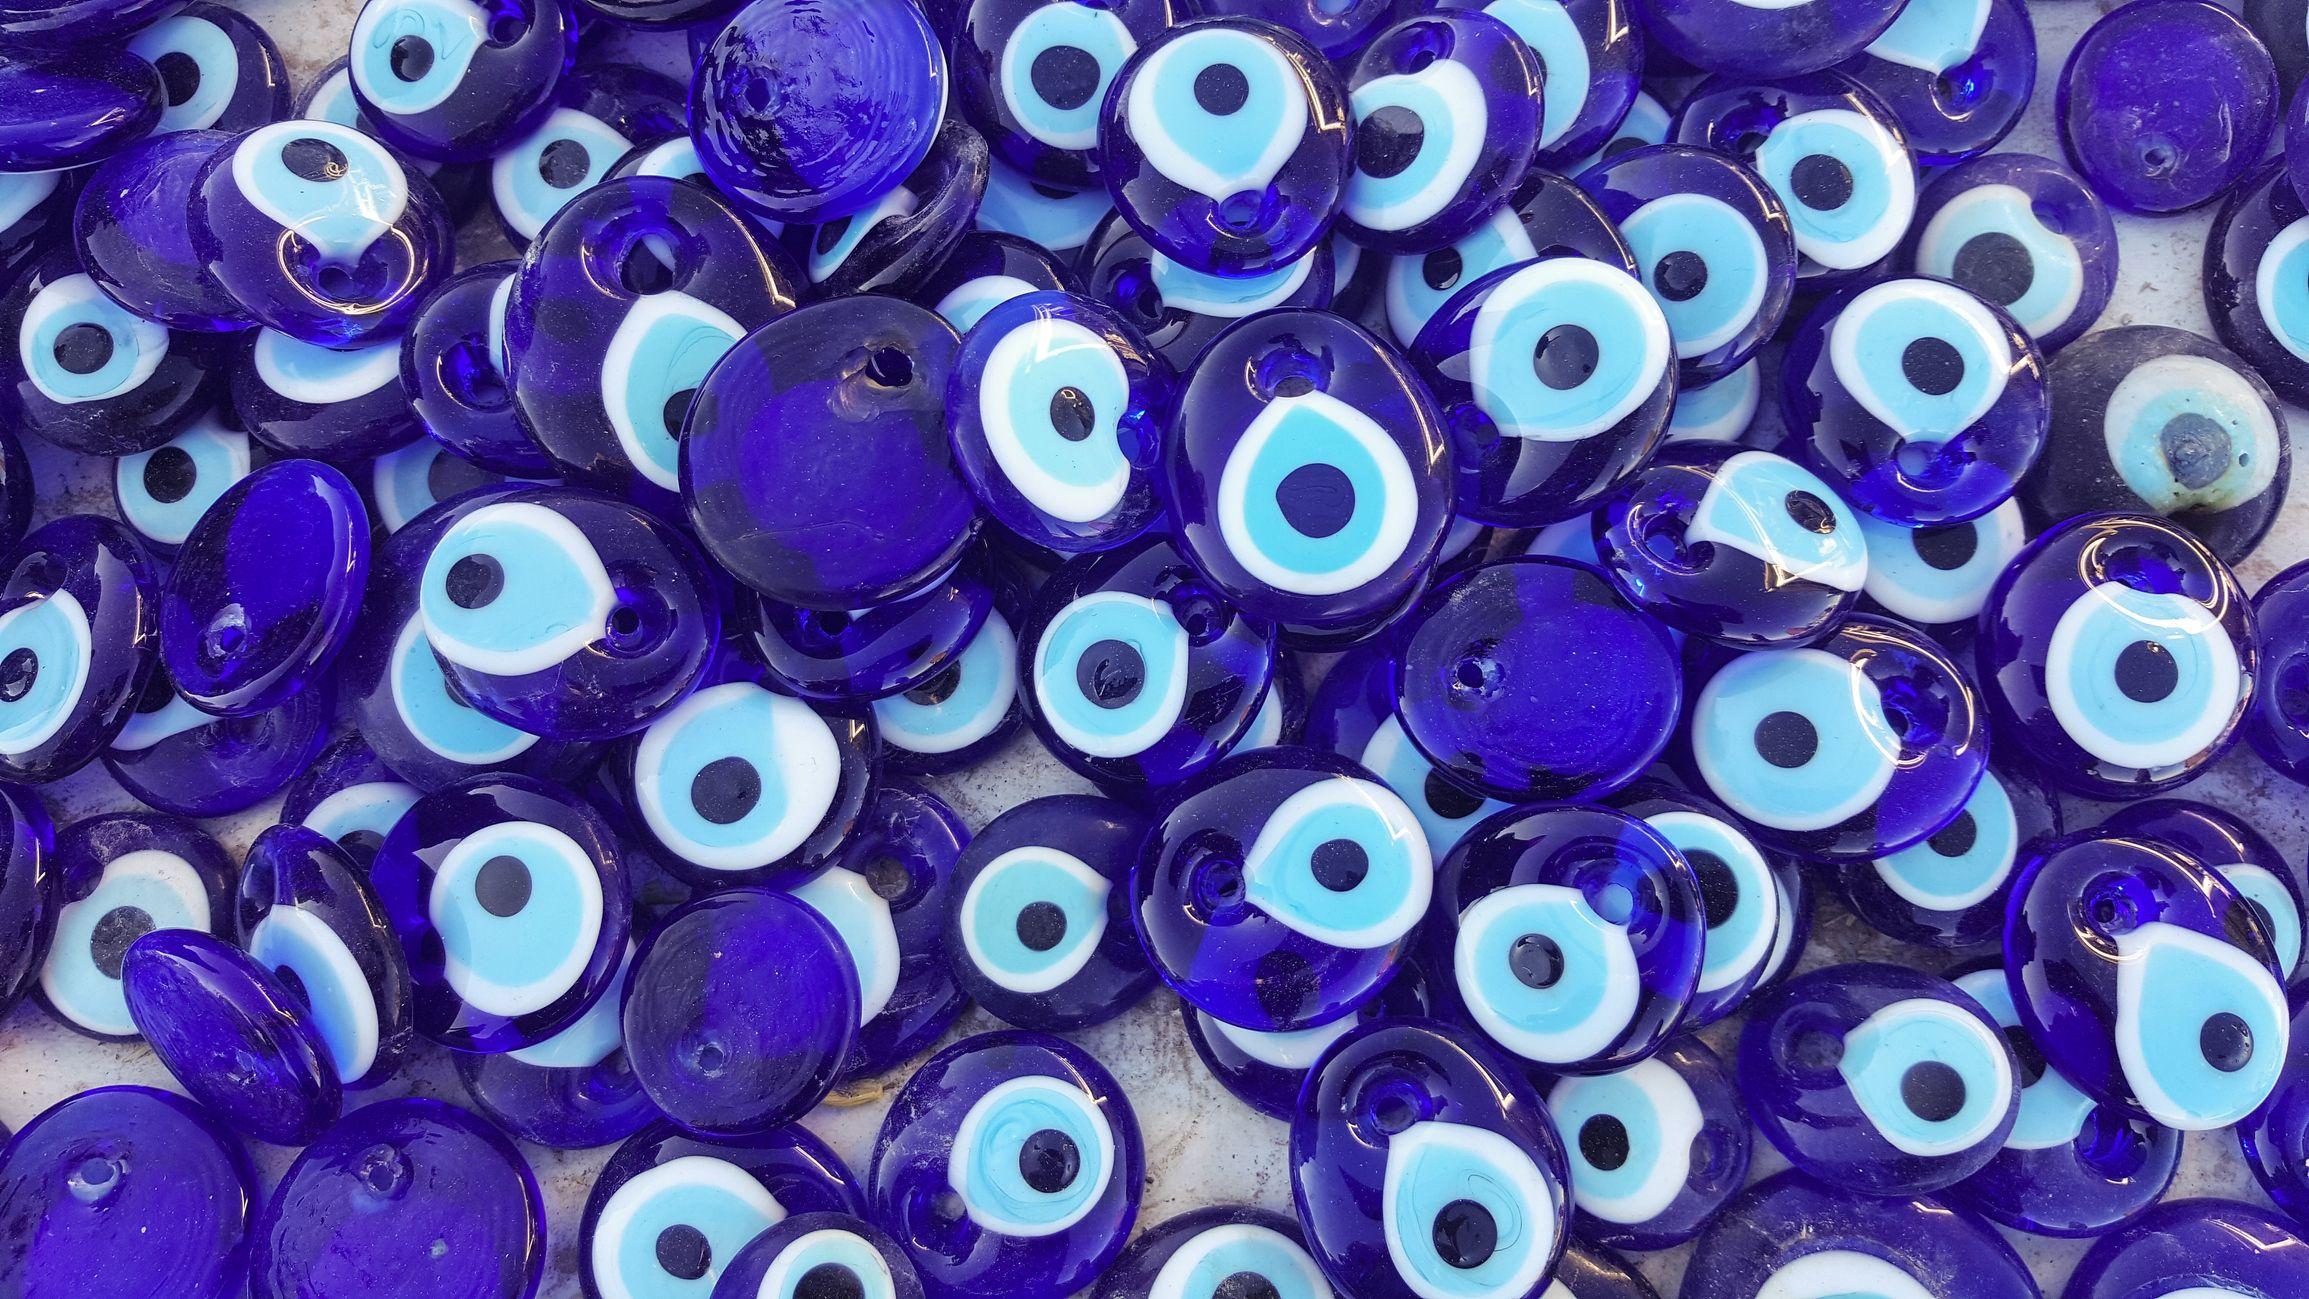 3. The Evil Eye